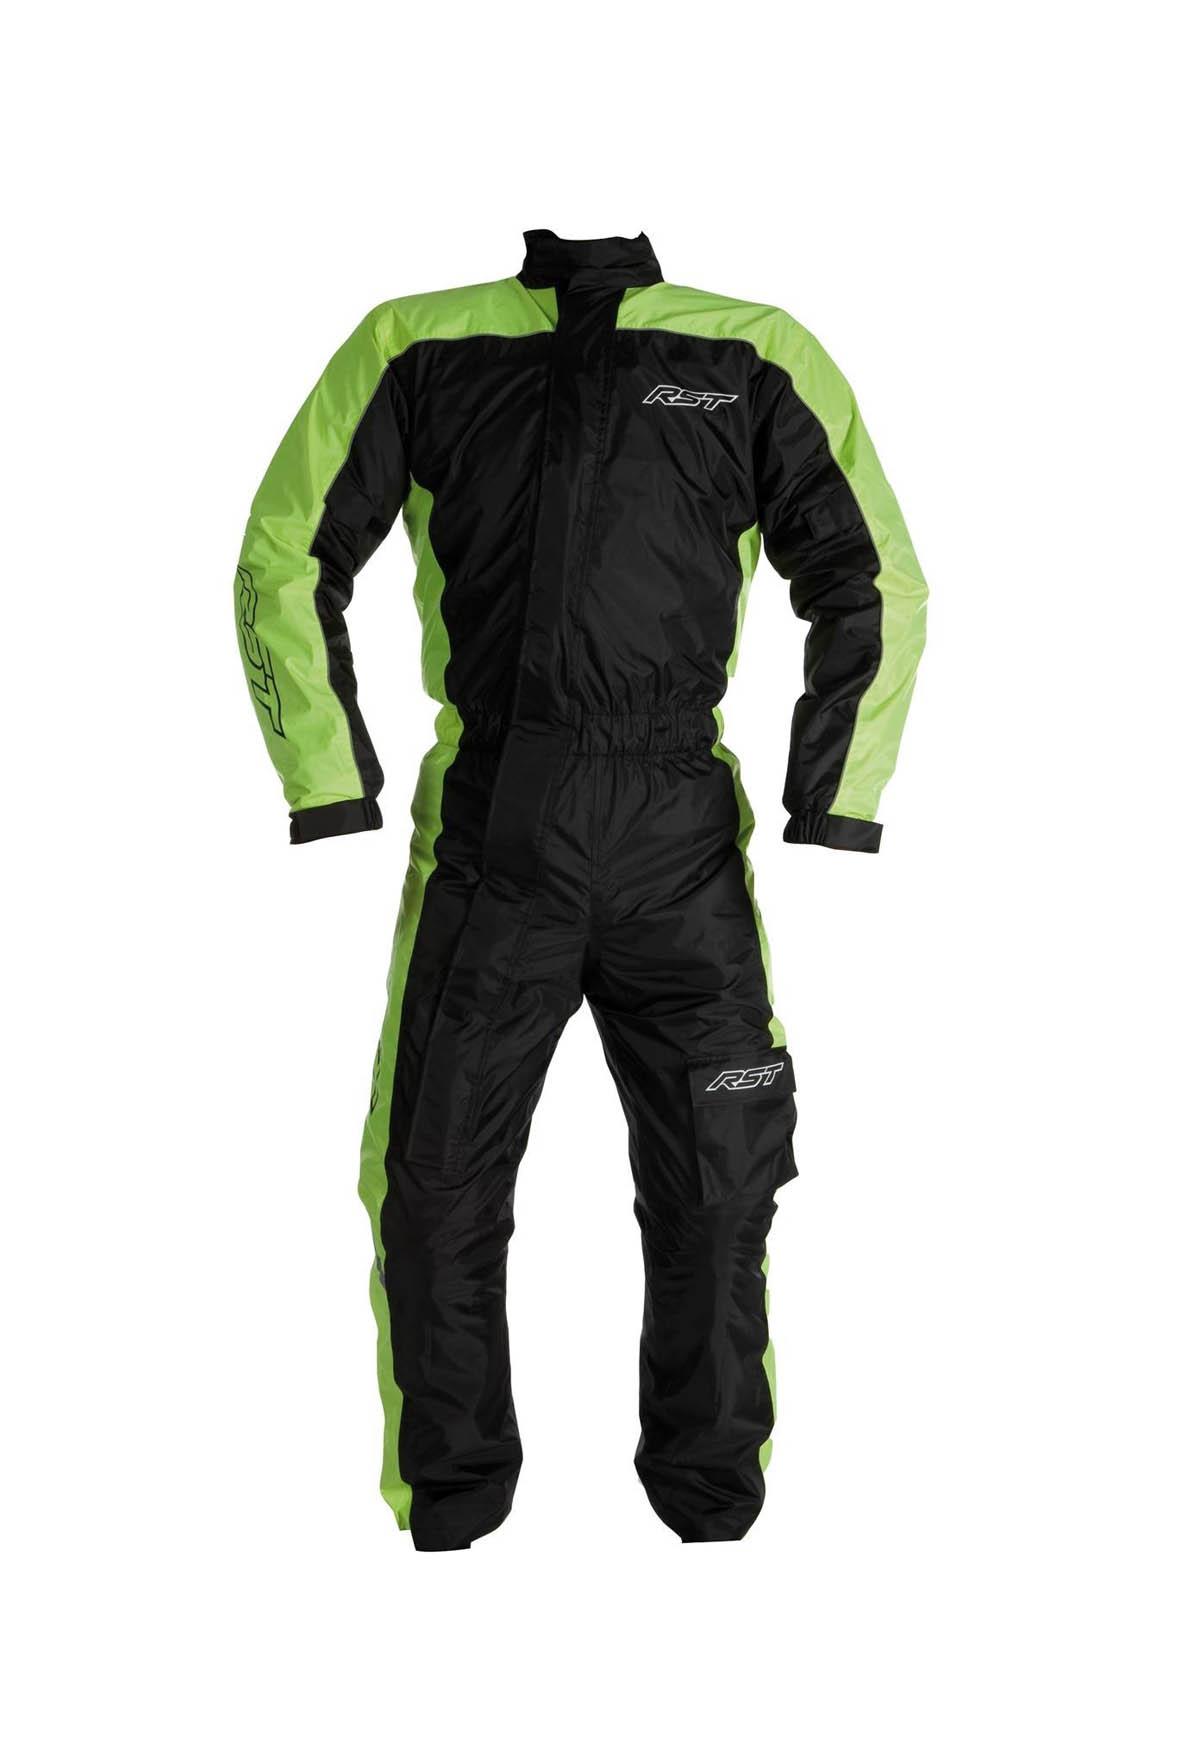 【RST】RST 1801  成套雨衣 - 「Webike-摩托百貨」